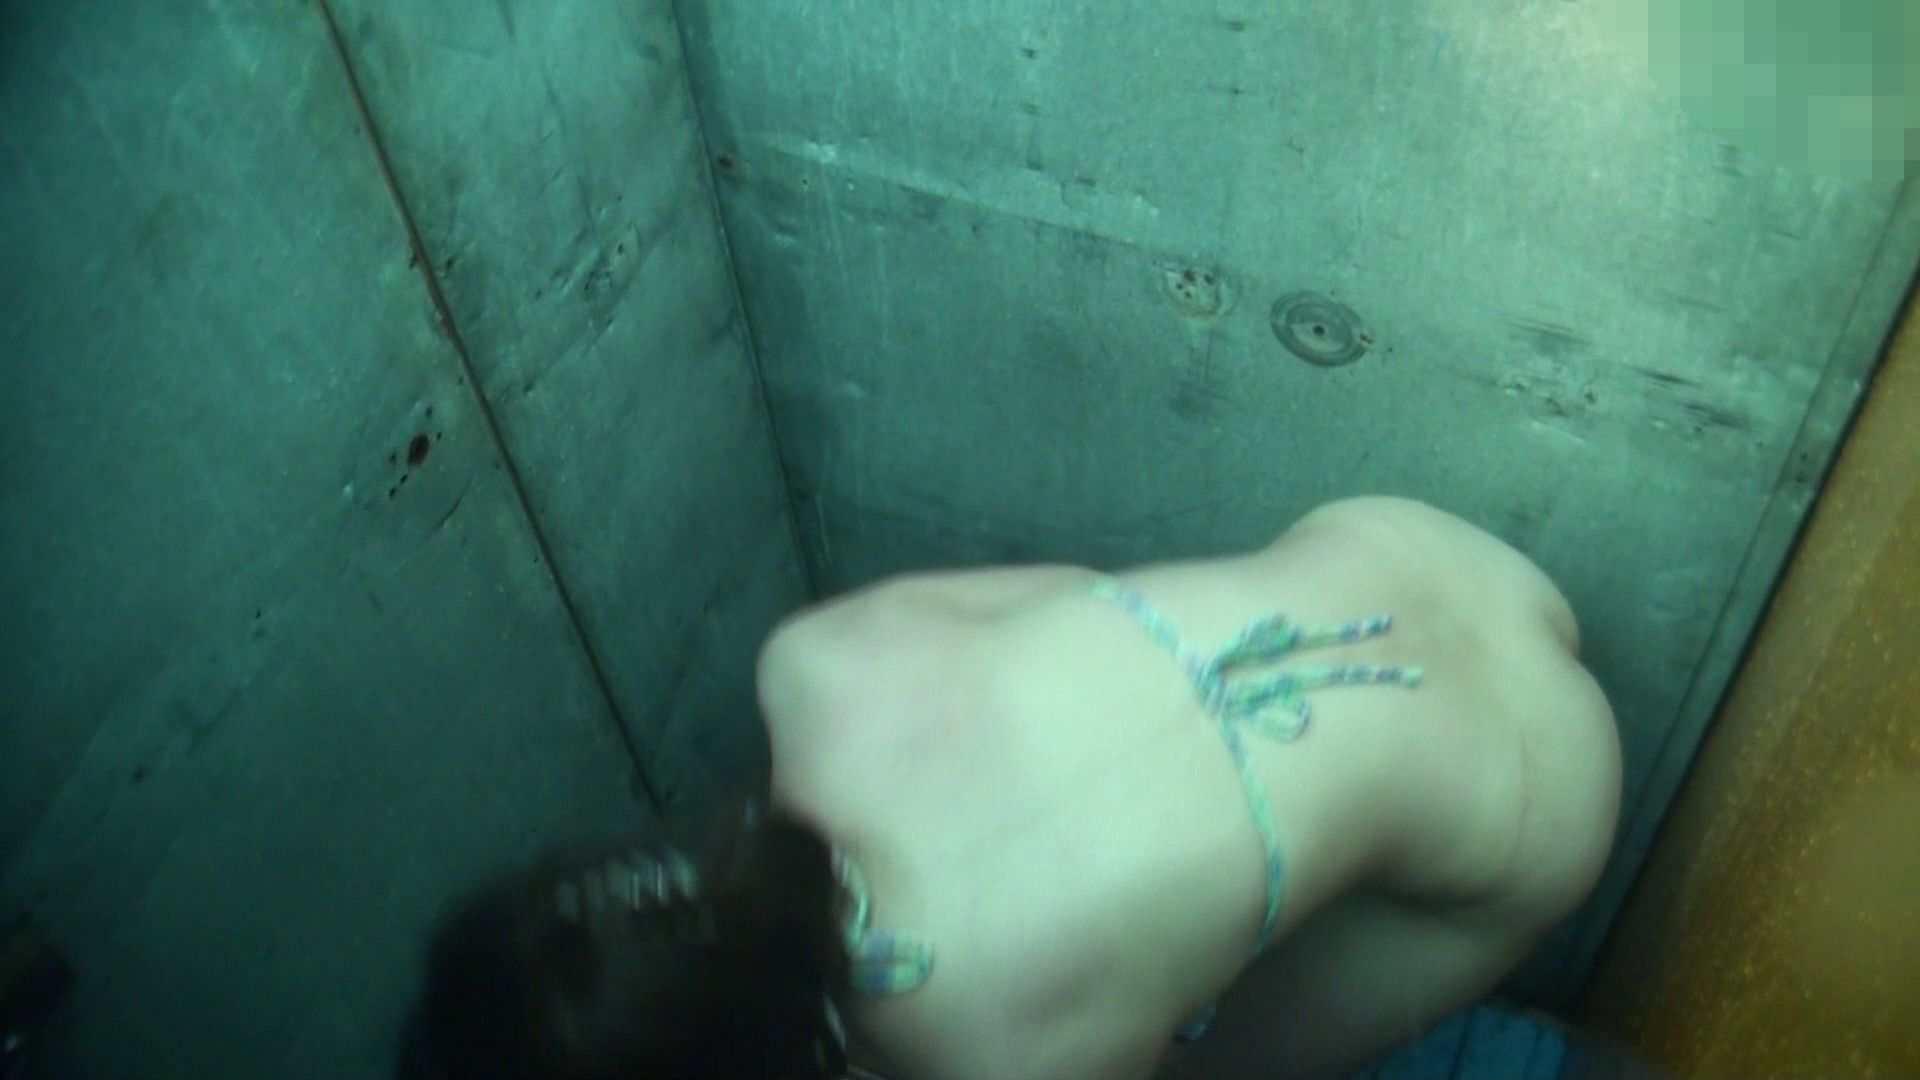 シャワールームは超!!危険な香りVol.15 残念ですが乳首未確認 マンコの砂は入念に マンコ映像 | 美女OL  63連発 41